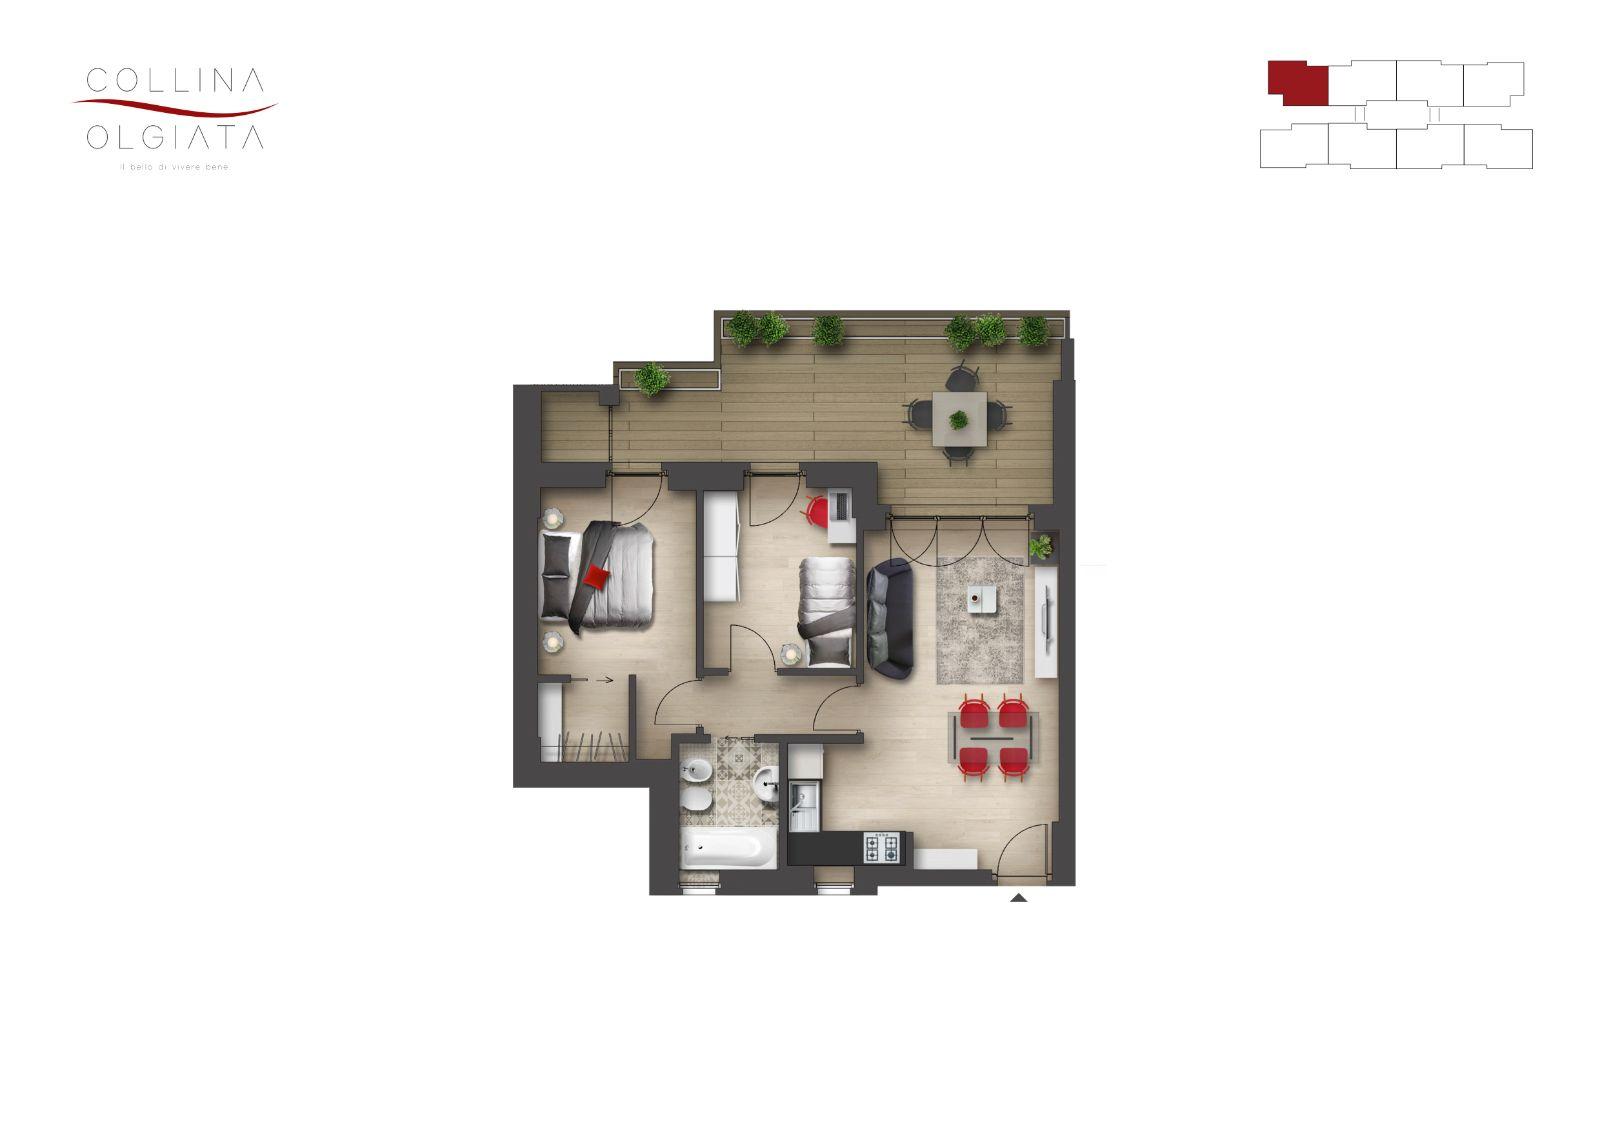 Edificio-1-Scala-A-Interno-7-11-1